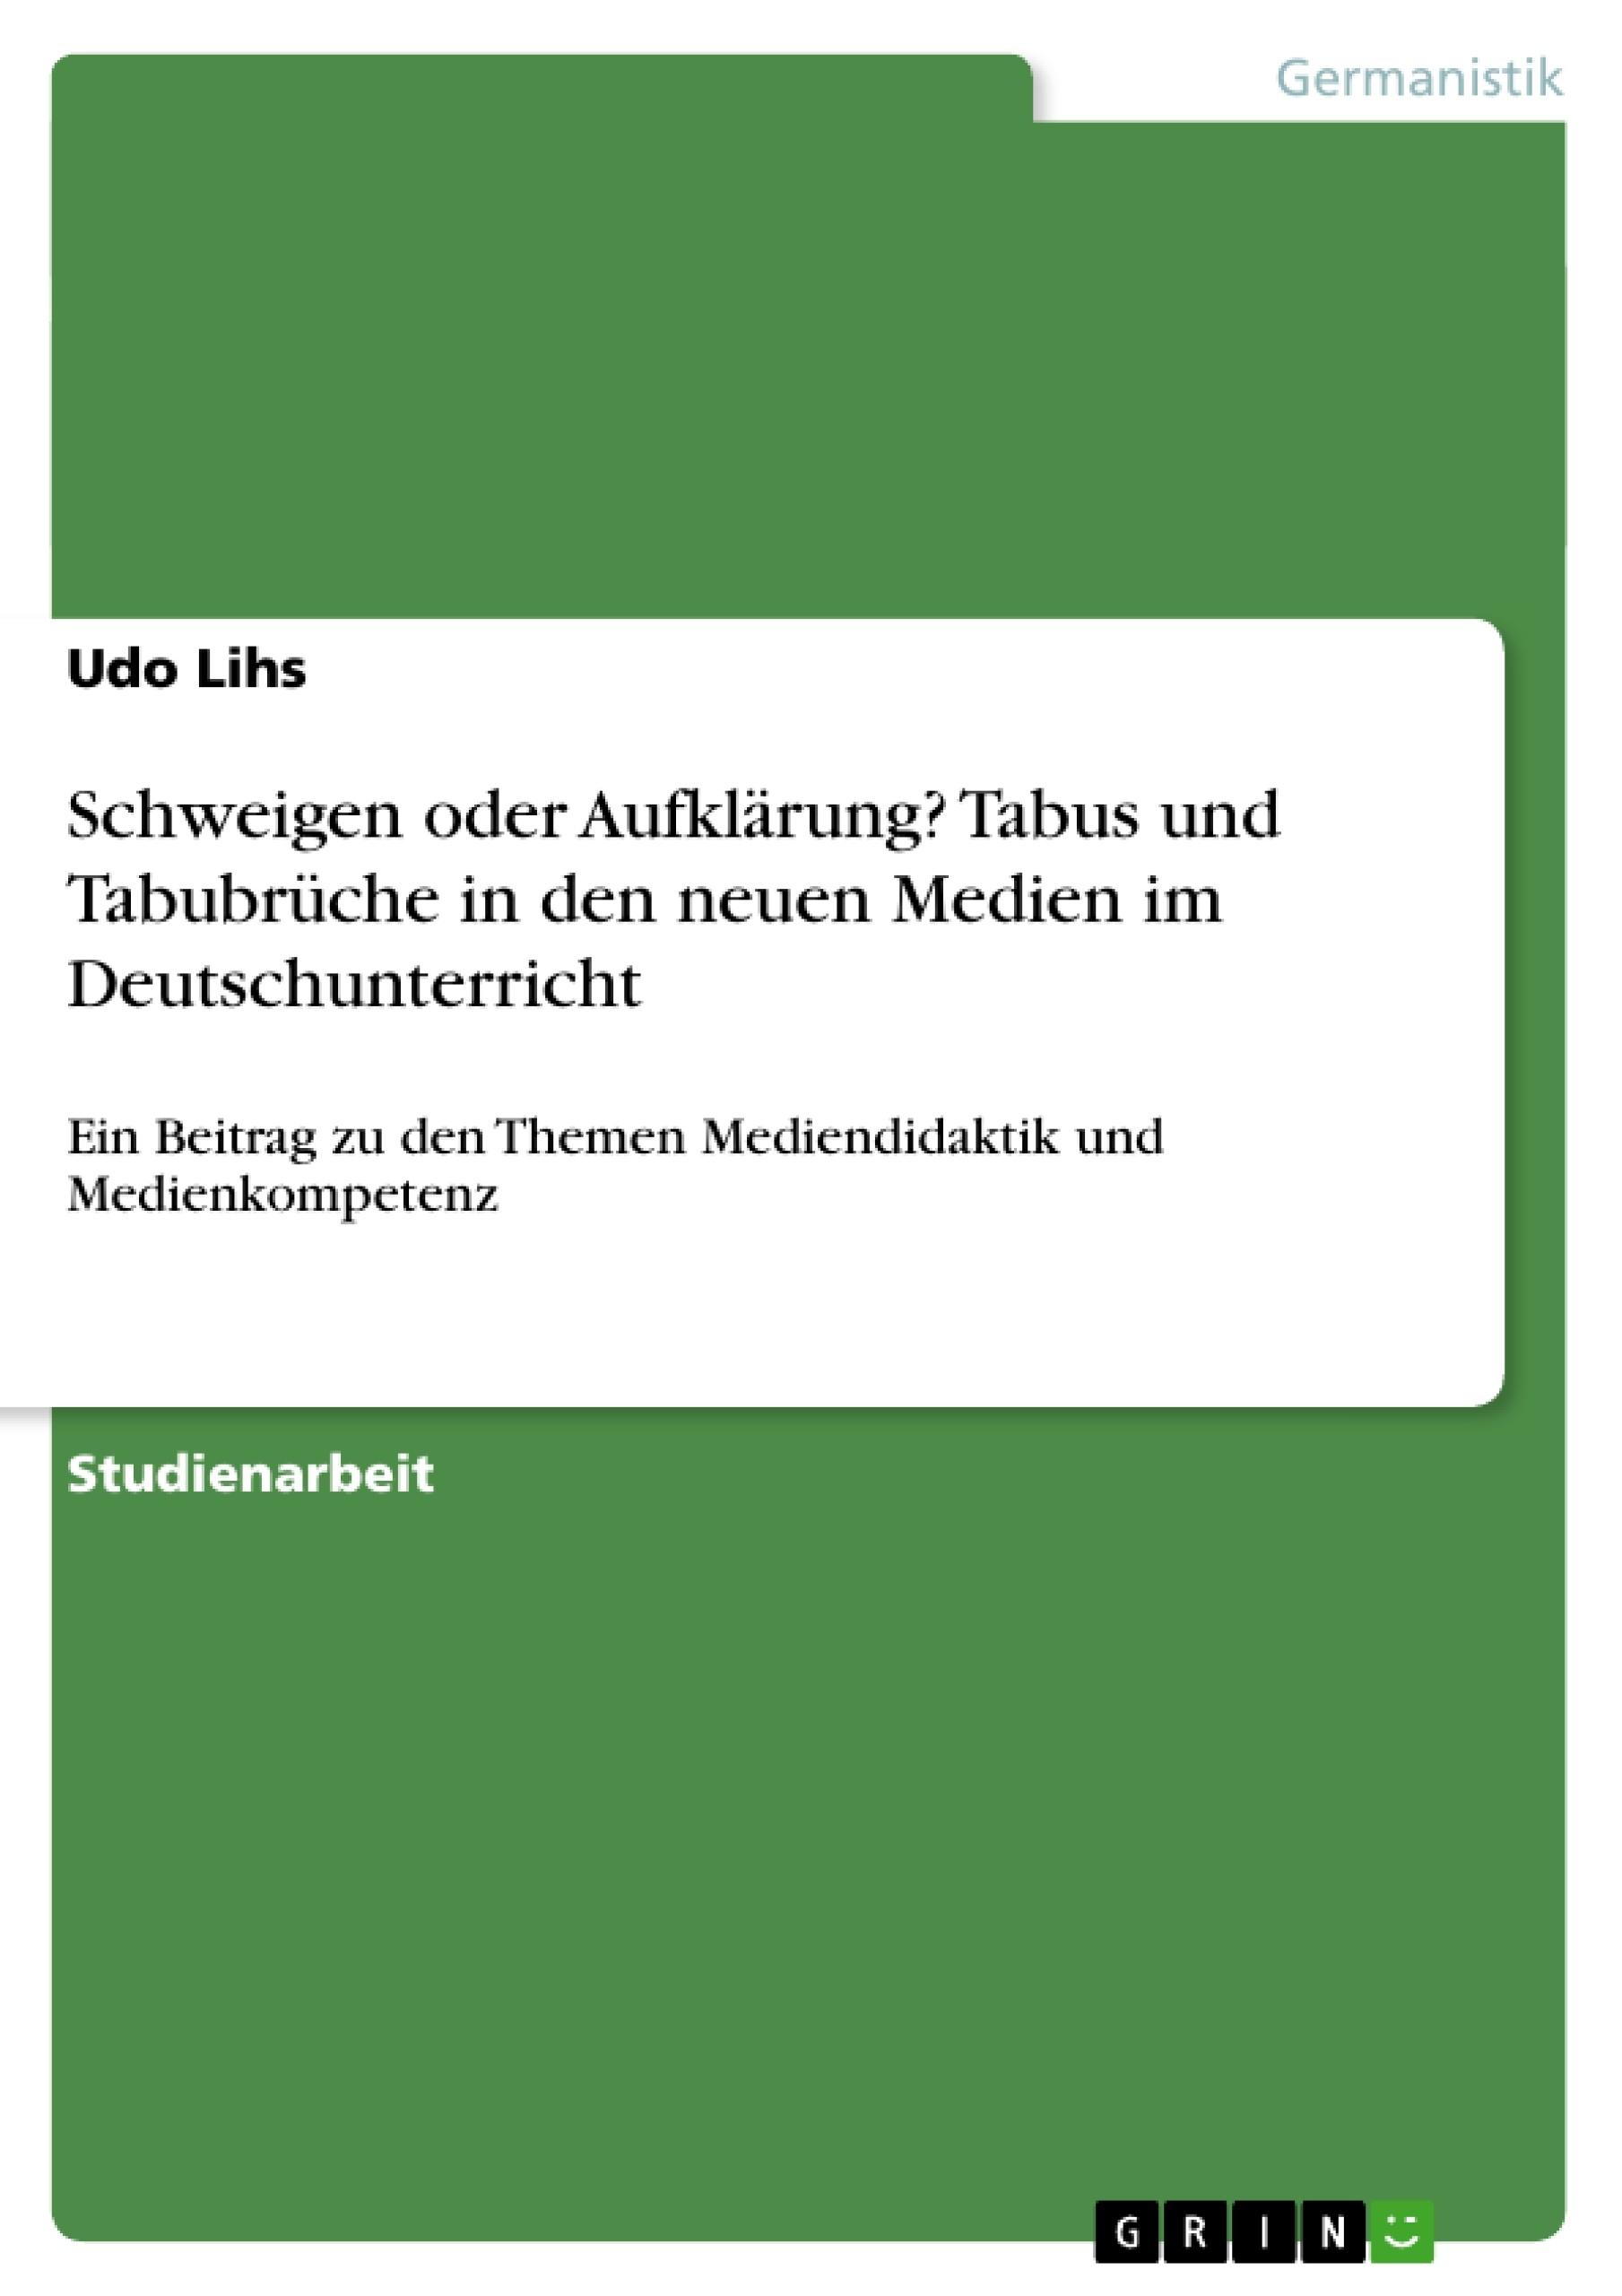 Titel: Schweigen oder Aufklärung?  Tabus und Tabubrüche in den neuen Medien im Deutschunterricht